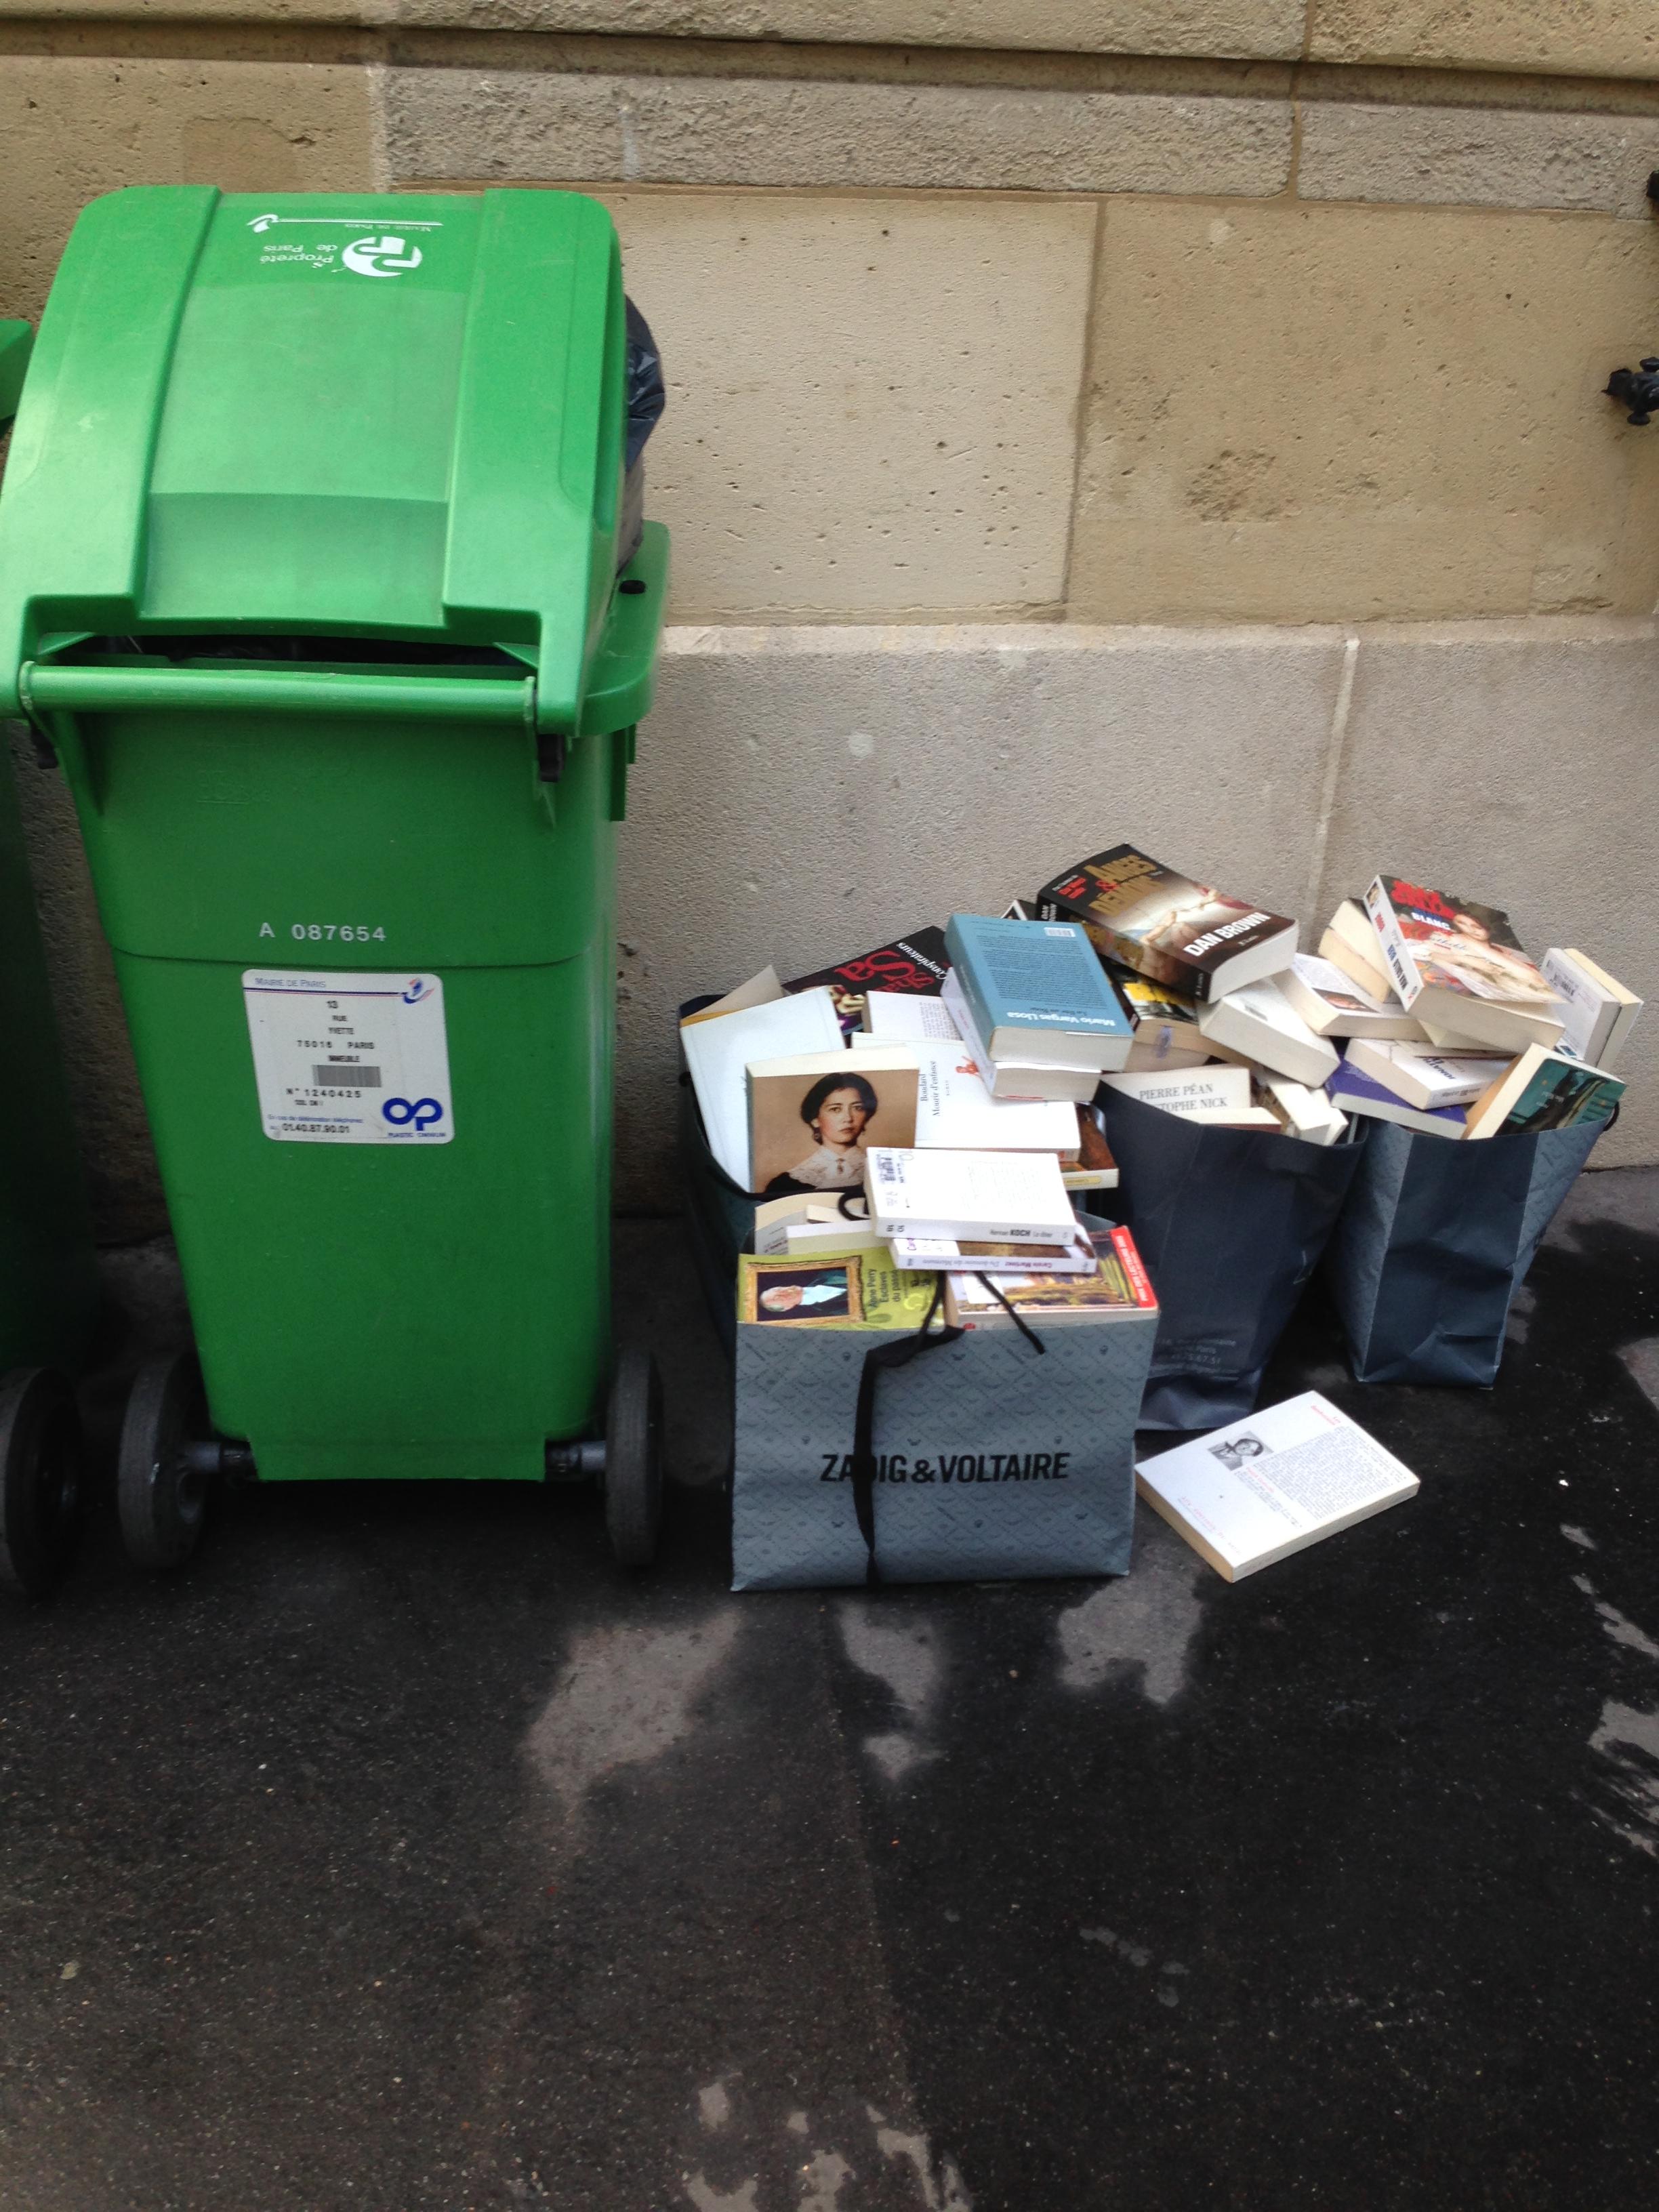 chronique d une jeune femme paris 1 des livres la poubelle le carnet de myriam thibault. Black Bedroom Furniture Sets. Home Design Ideas